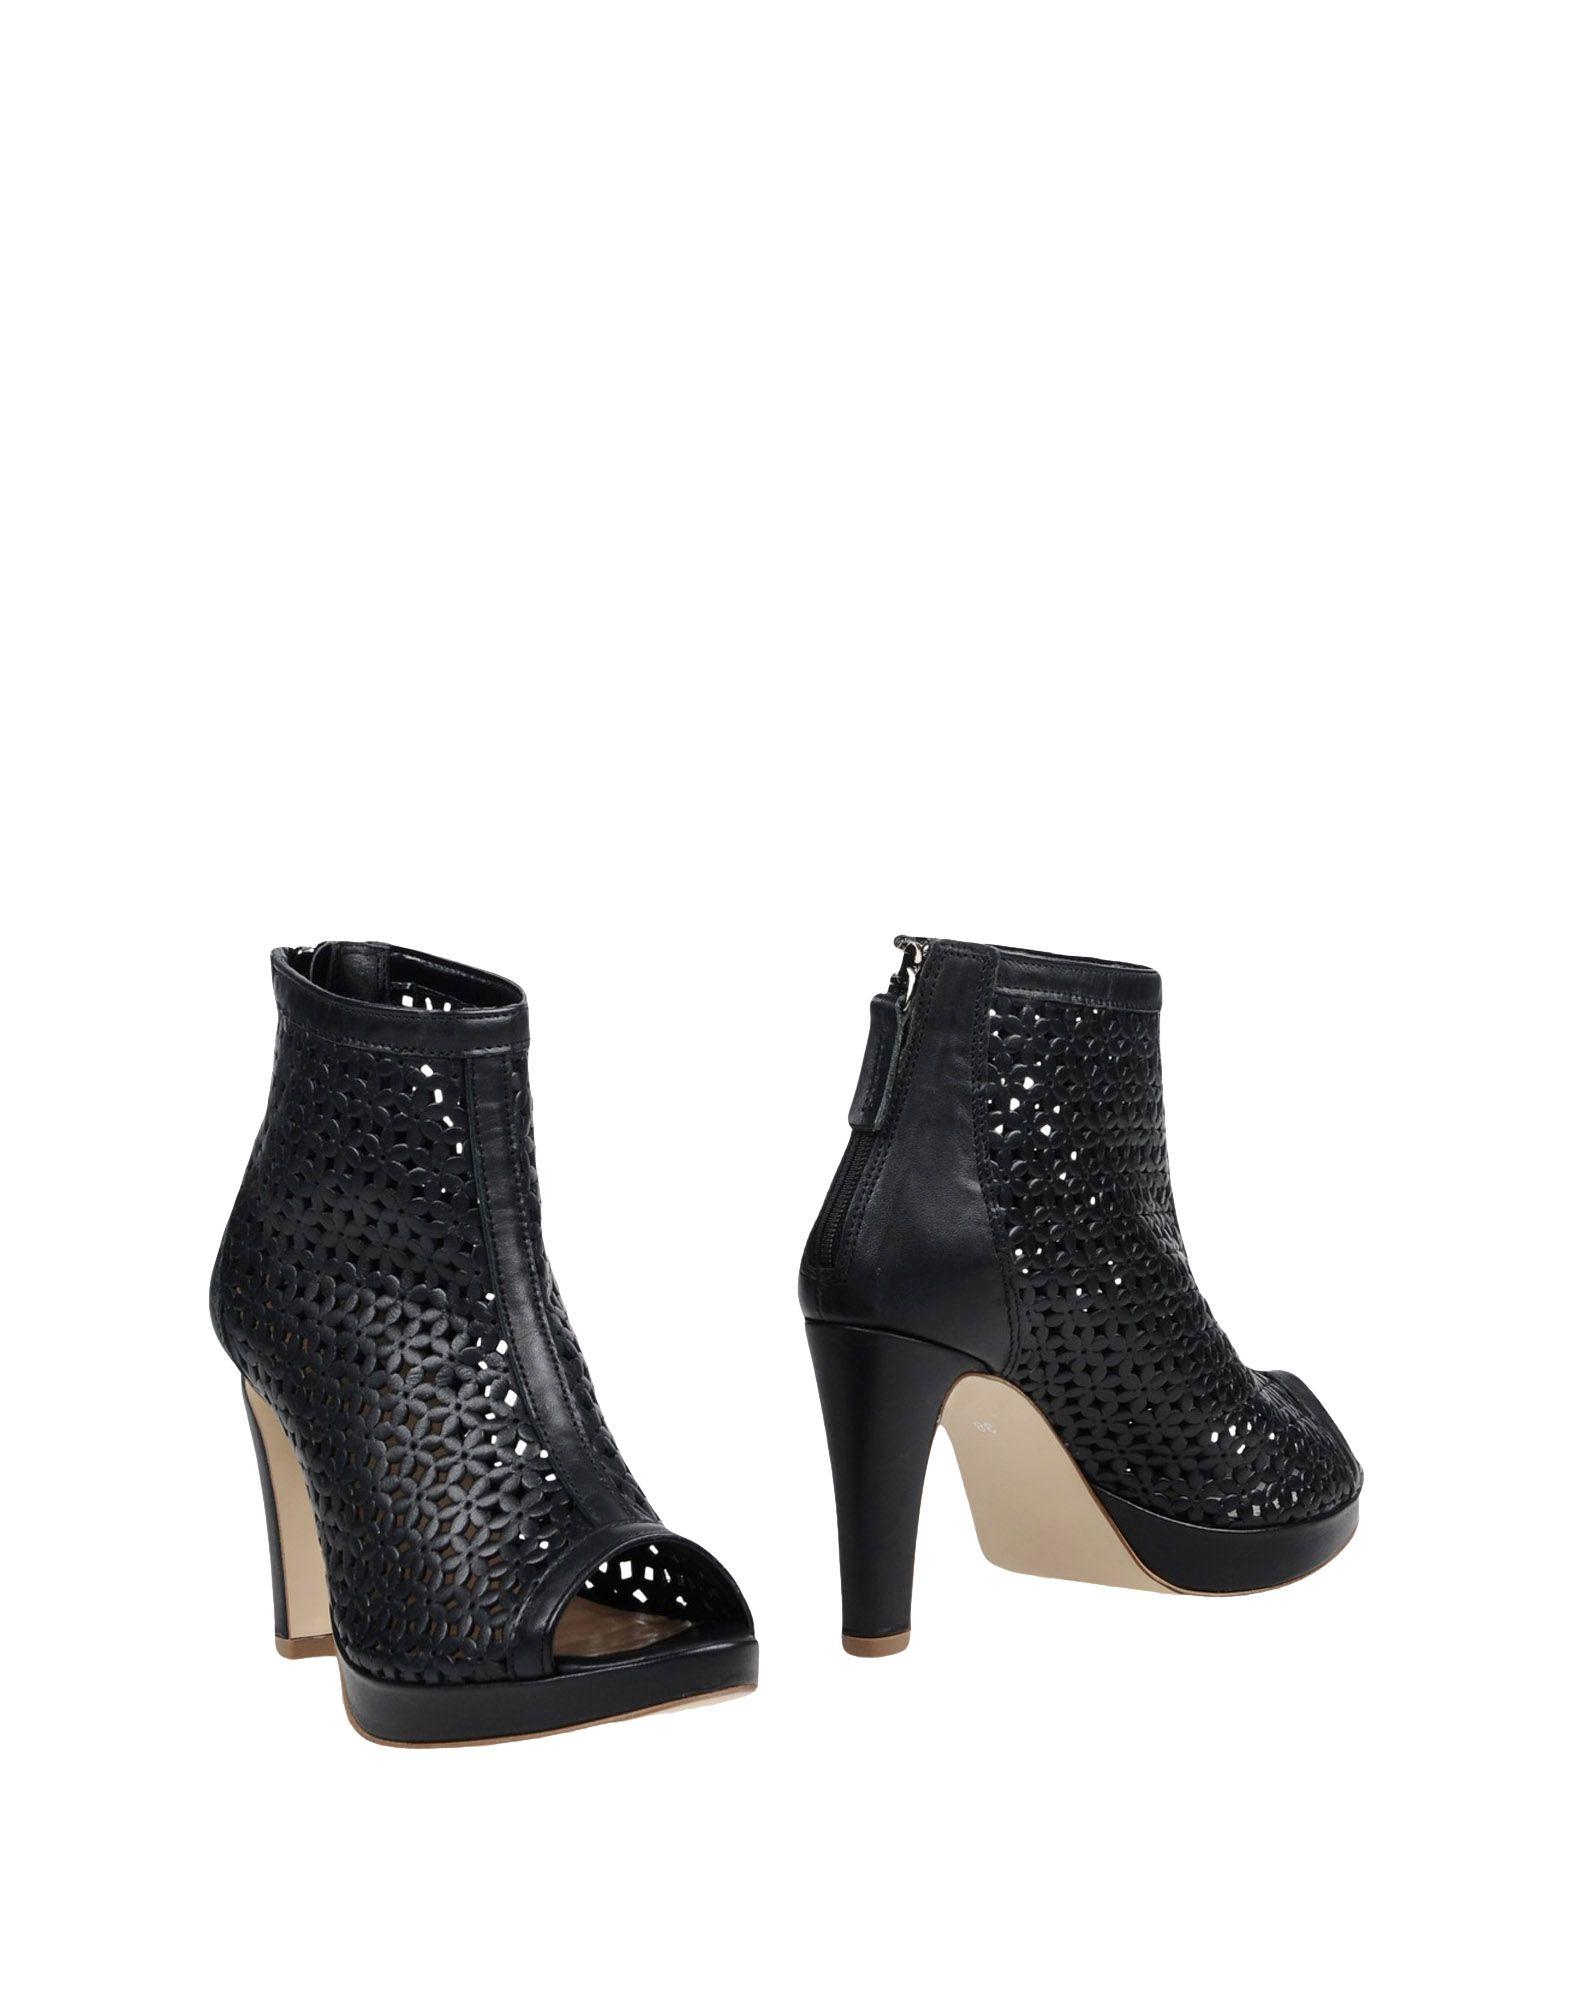 Pelledoca Stiefelette Damen  11427584AJ Gute Qualität beliebte Schuhe